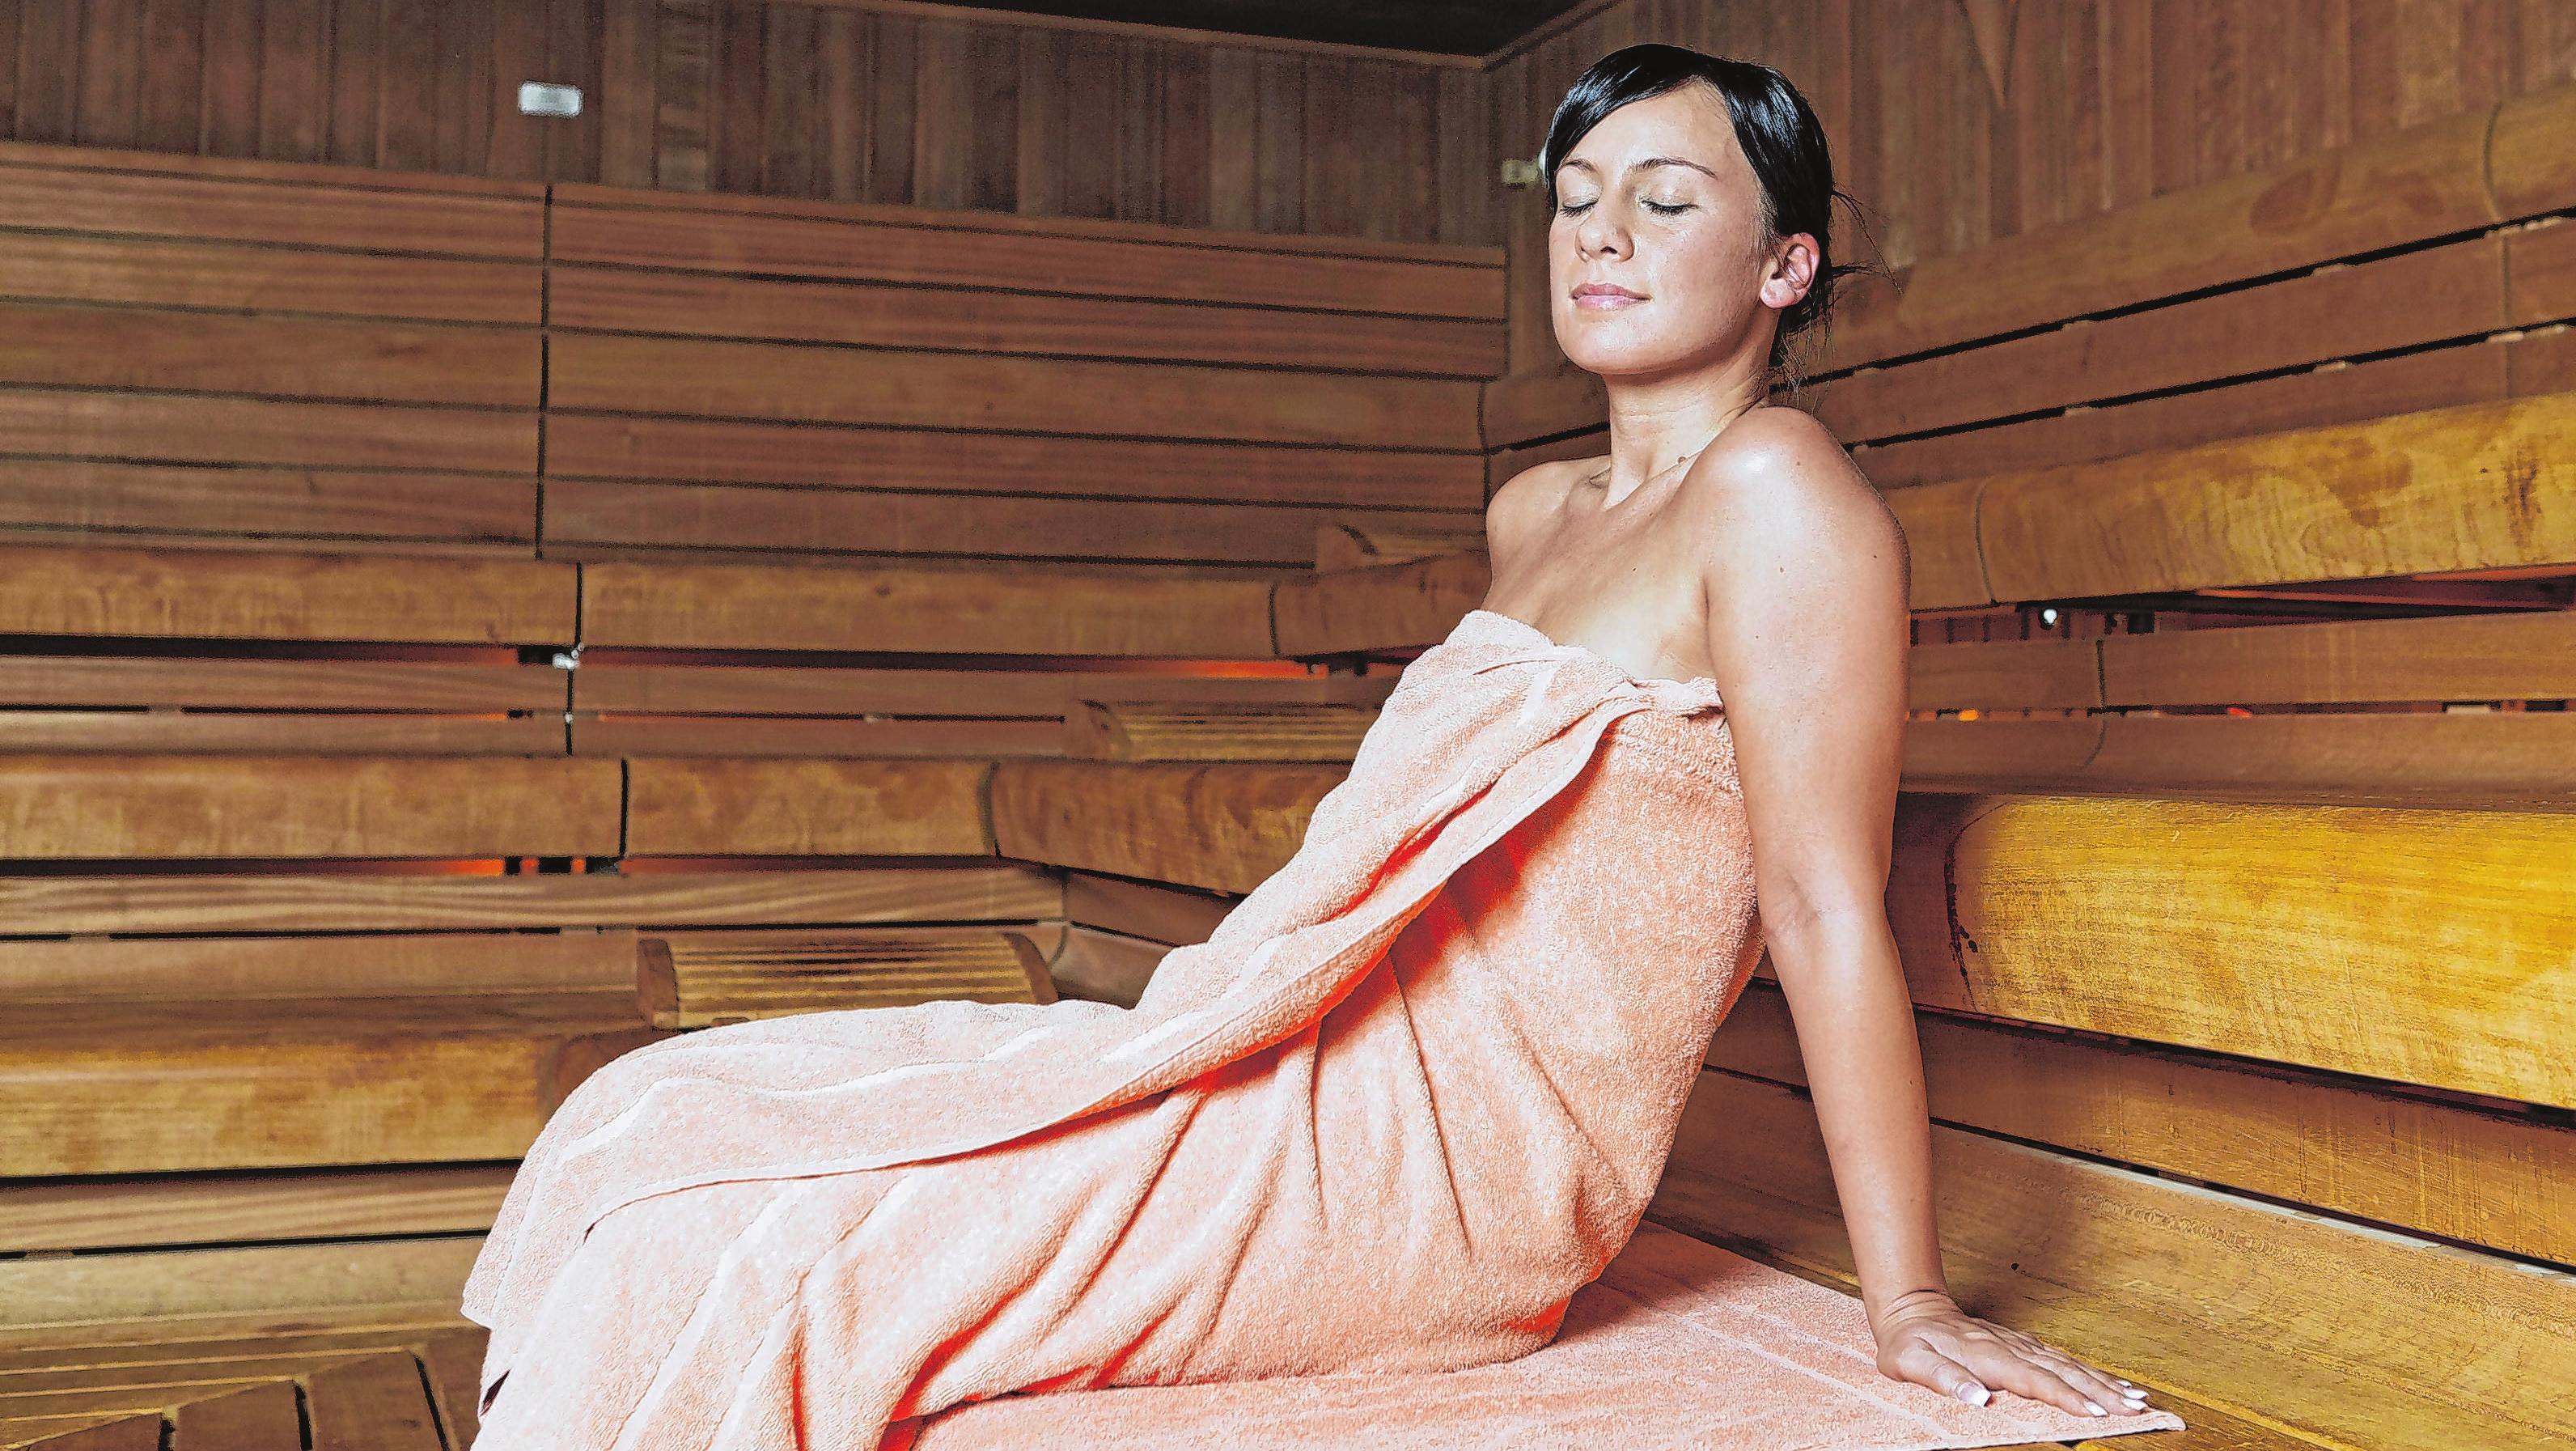 Regelmäßige Saunagänge können die Infektanfälligkeit positiv beeinflussen. Ein Gang in die Sauna kann aber auch Muskelkater lindern, wenn man die Durchblutung nicht allein mit moderaten sportlichen Übungen fördern möchte. Foto: Archiv/dpa